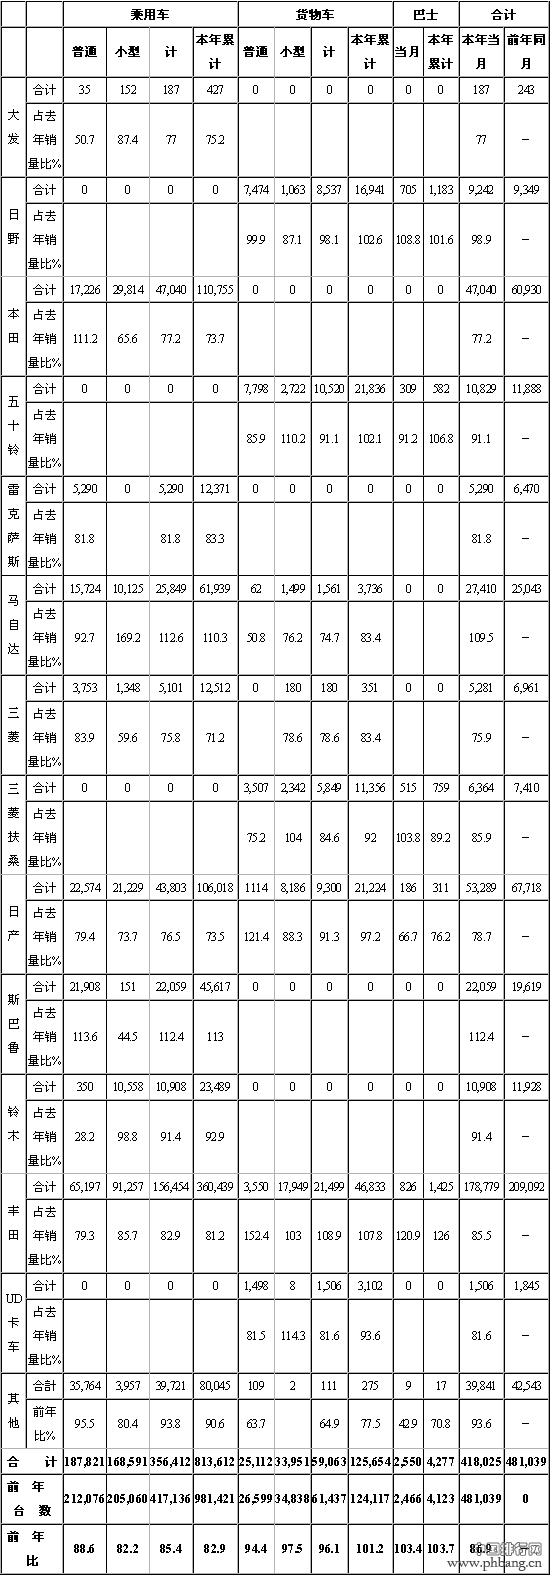 2015年3月日本汽车分品牌销量统计情况